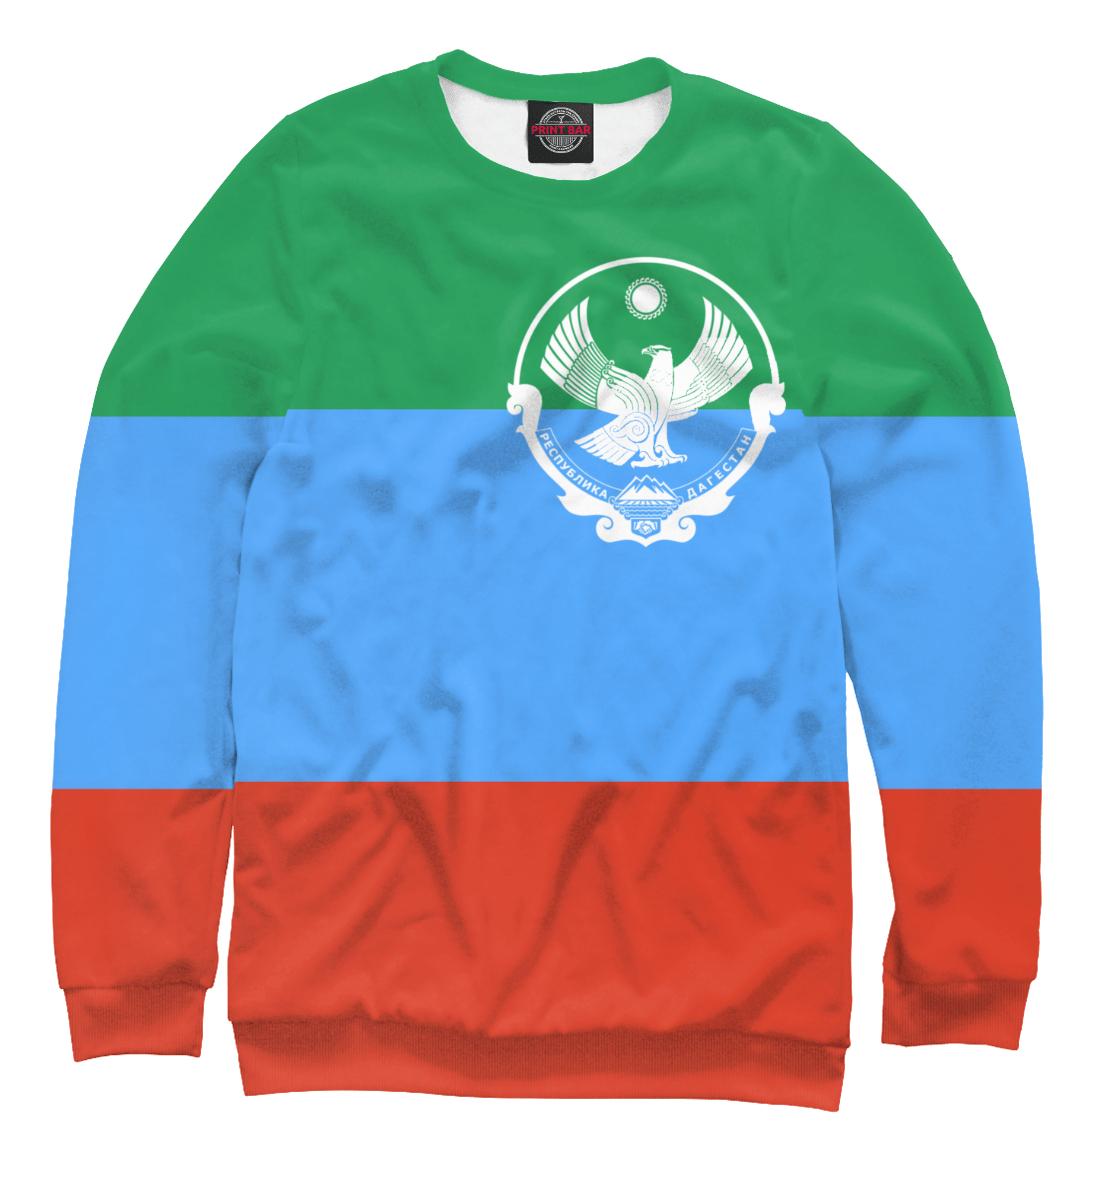 Купить Дагестан, Printbar, Свитшоты, DAG-283973-swi-1